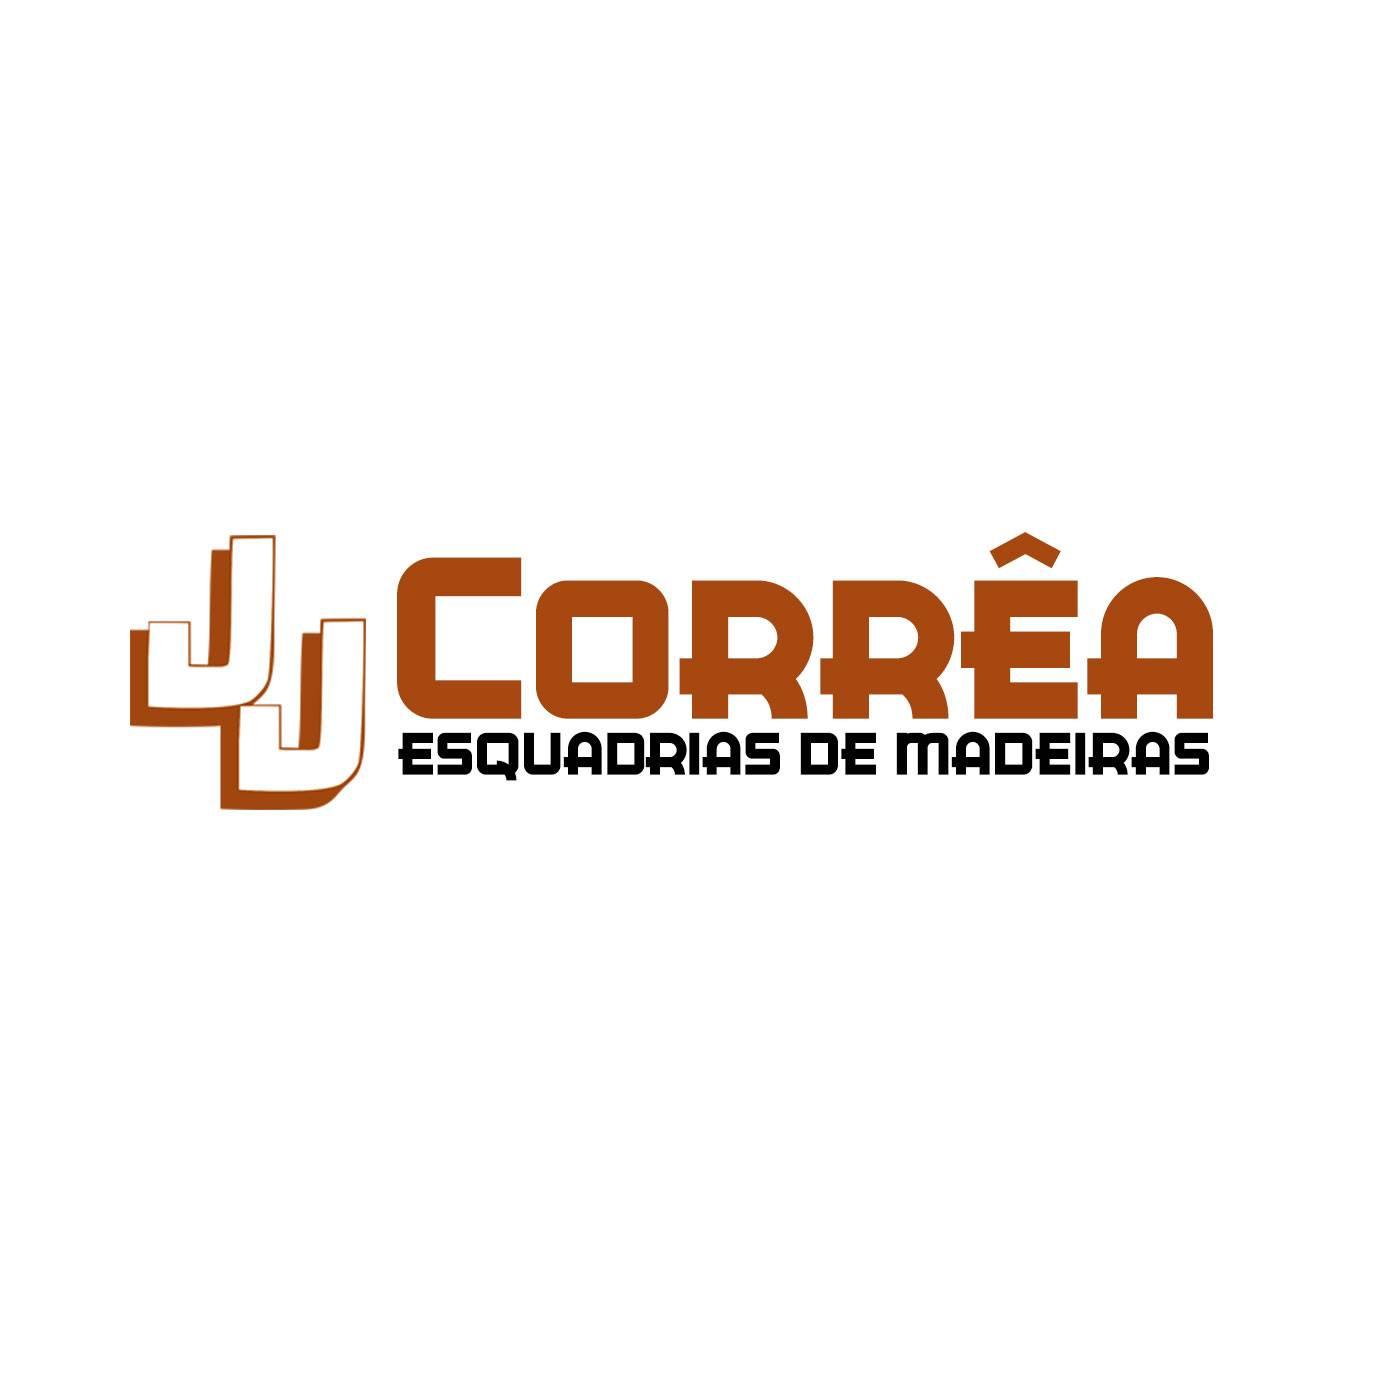 JJ Corrêa Esquadrias de Madeiras